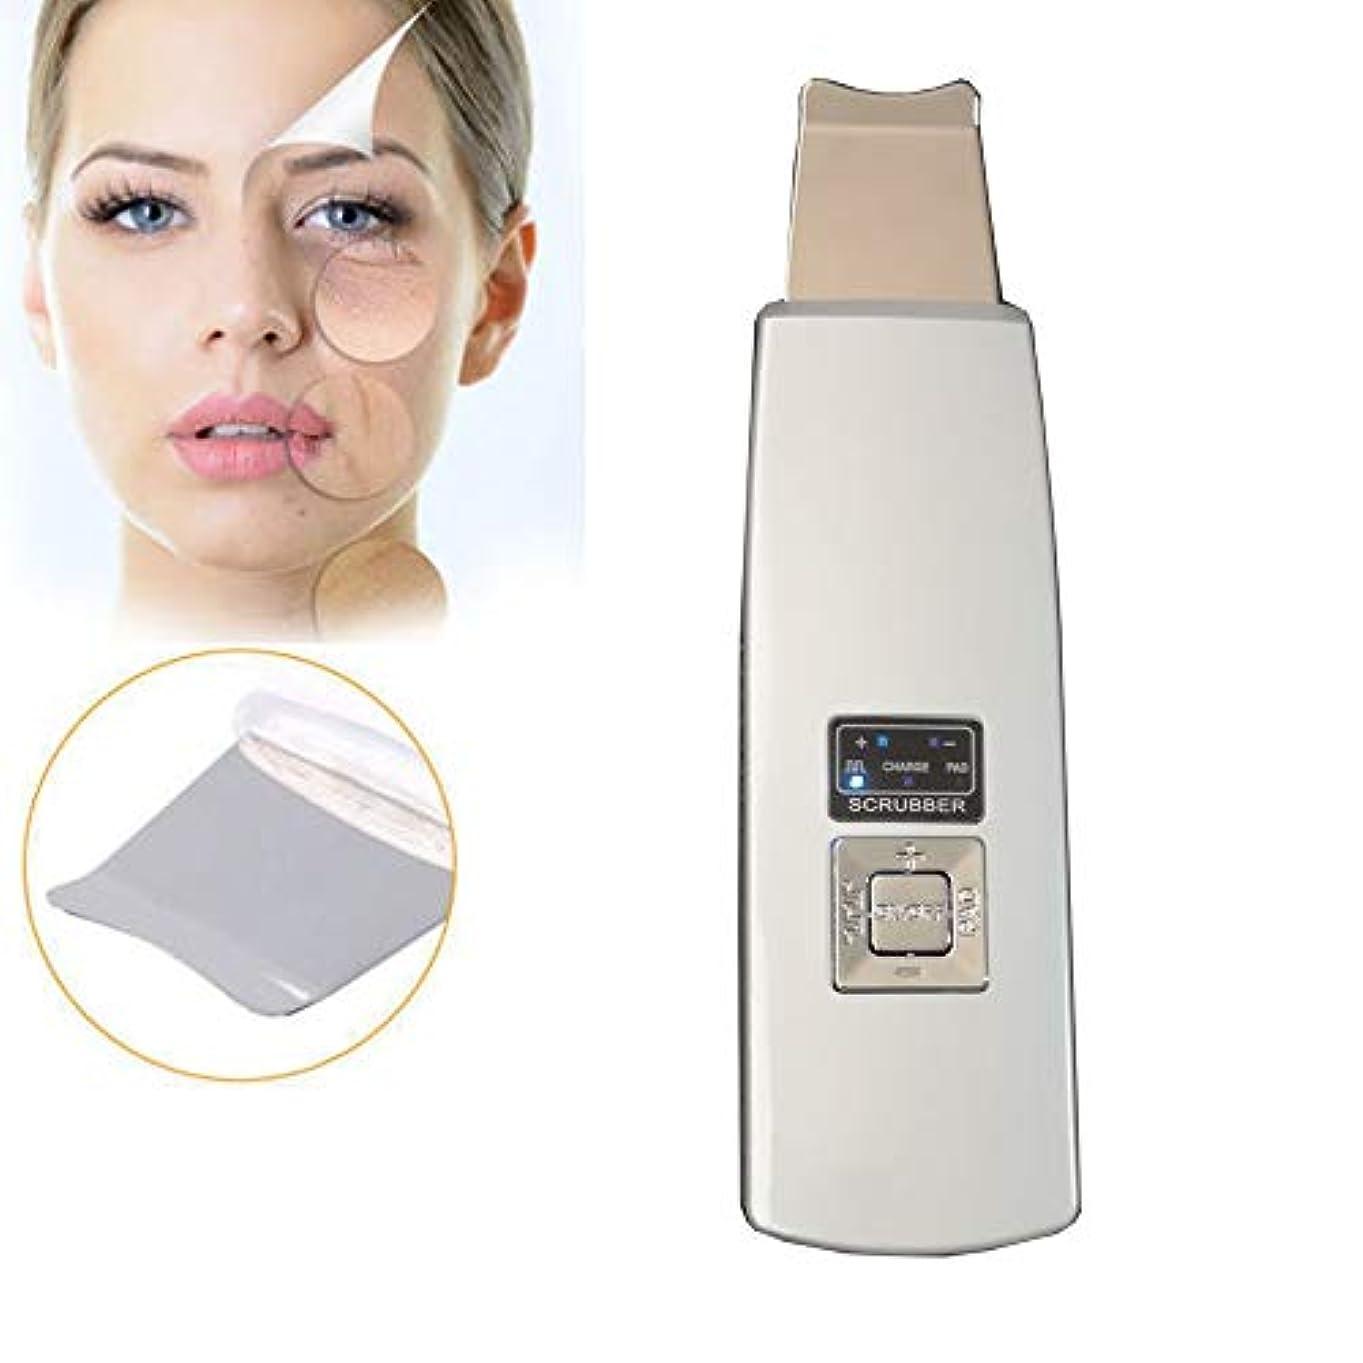 生きるポイントクラフト顔の皮膚のスクラバー、ポータブル?フェイシャル超音波超音波イオンスキンケアスクラバーデバイス美容機は、ブラックヘッド面皰死んだ皮膚の除去を削除する方法